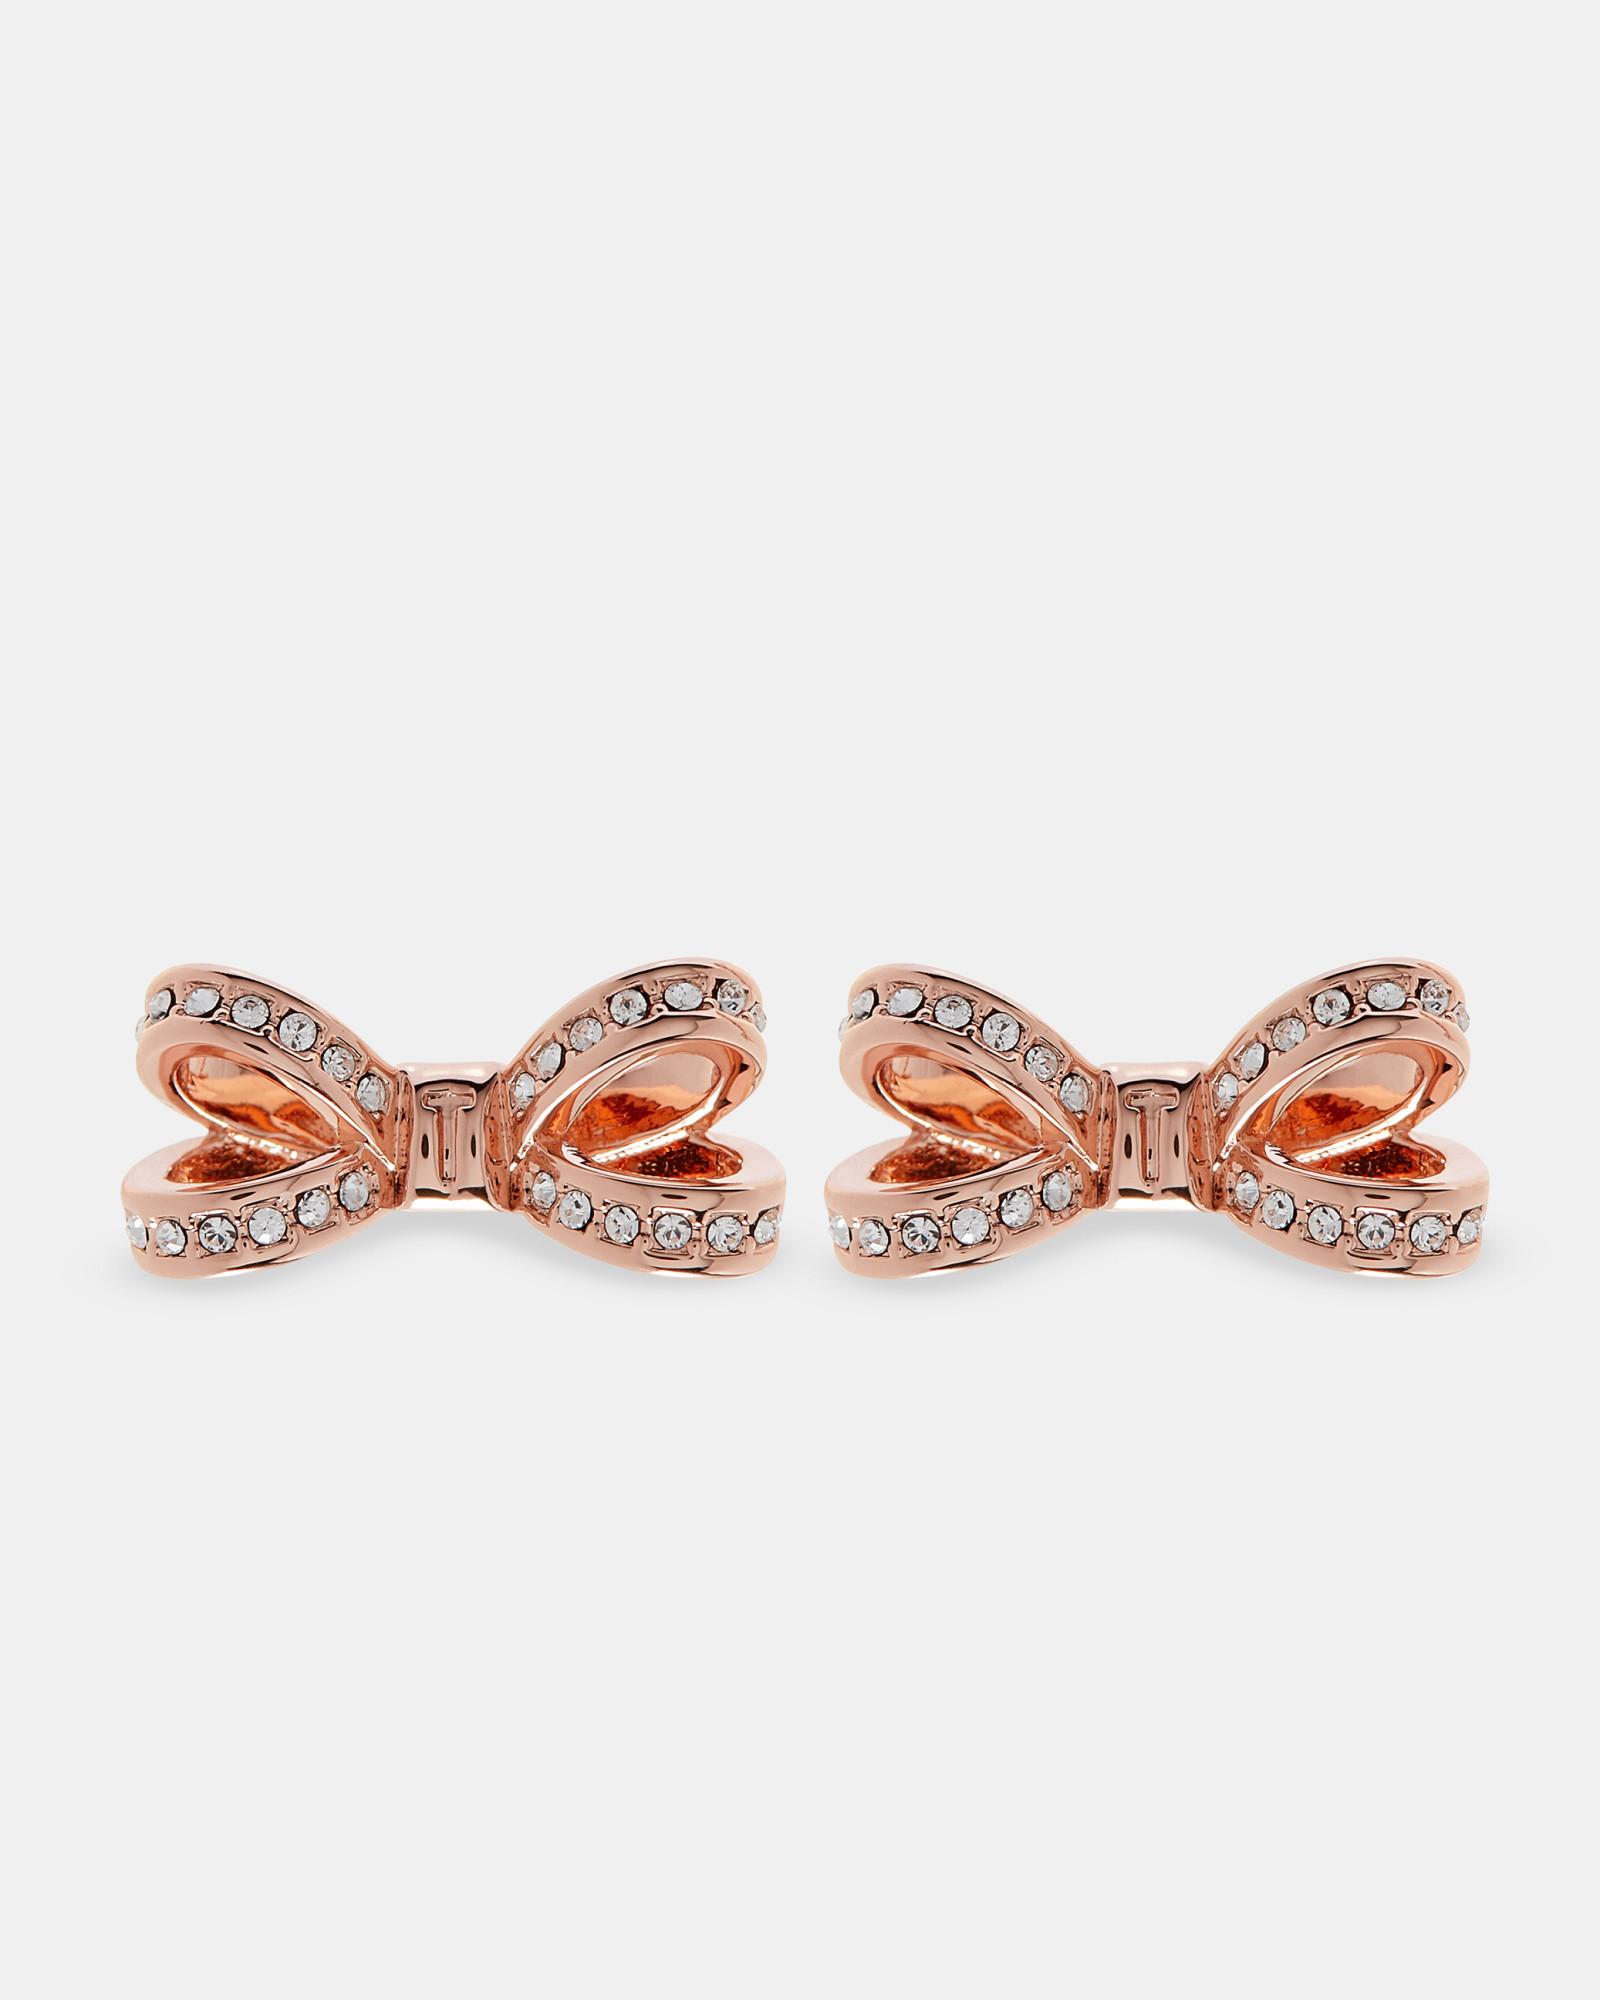 Ted Baker Swarovski Crystal Bow Earrings Rose Gold